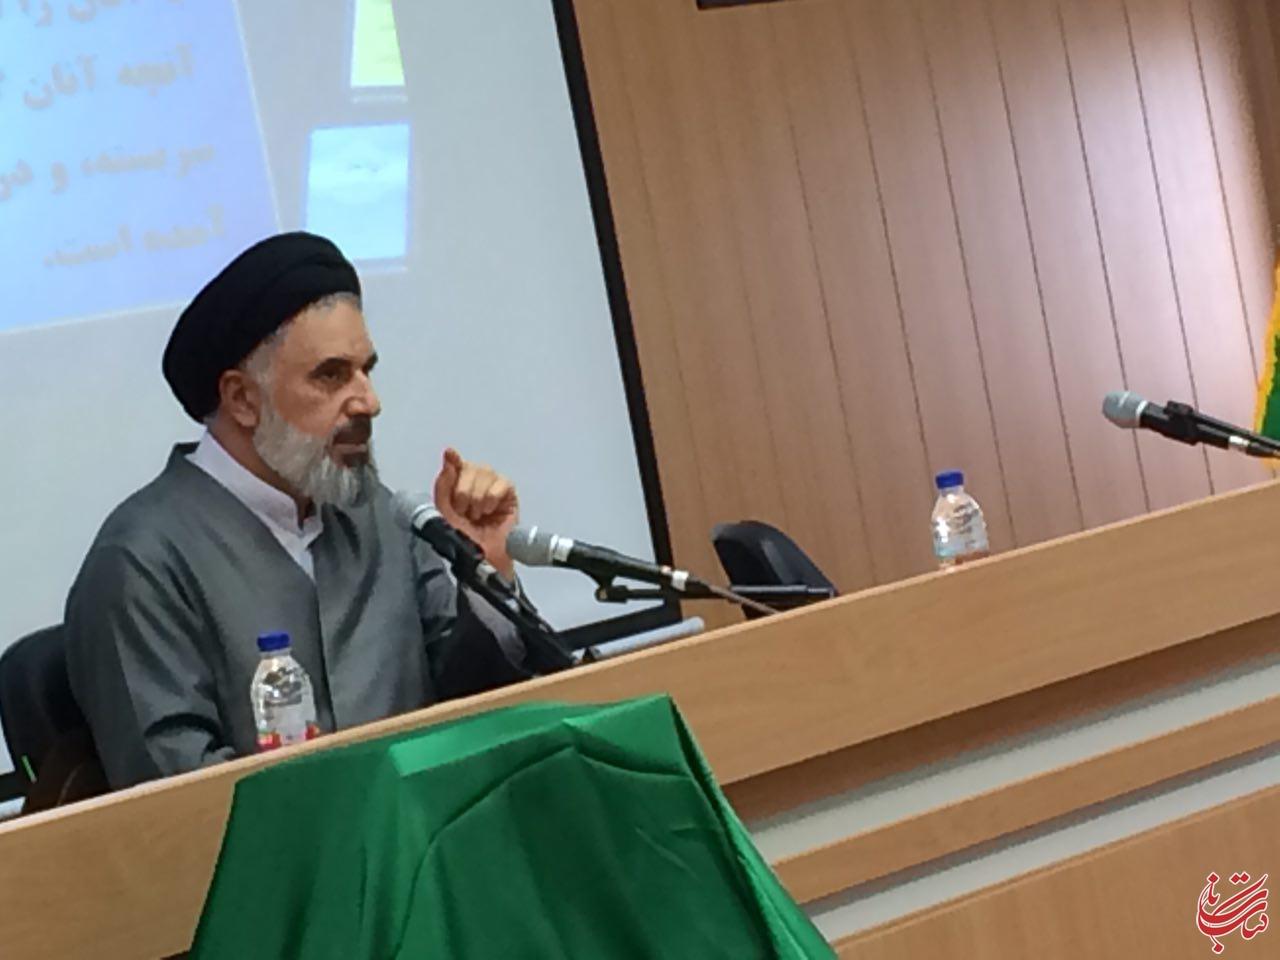 نشست علمی نگاهی به مصباح الهدایه امام خمینی (س) و رونمایی از کتاب فروغ معرفت